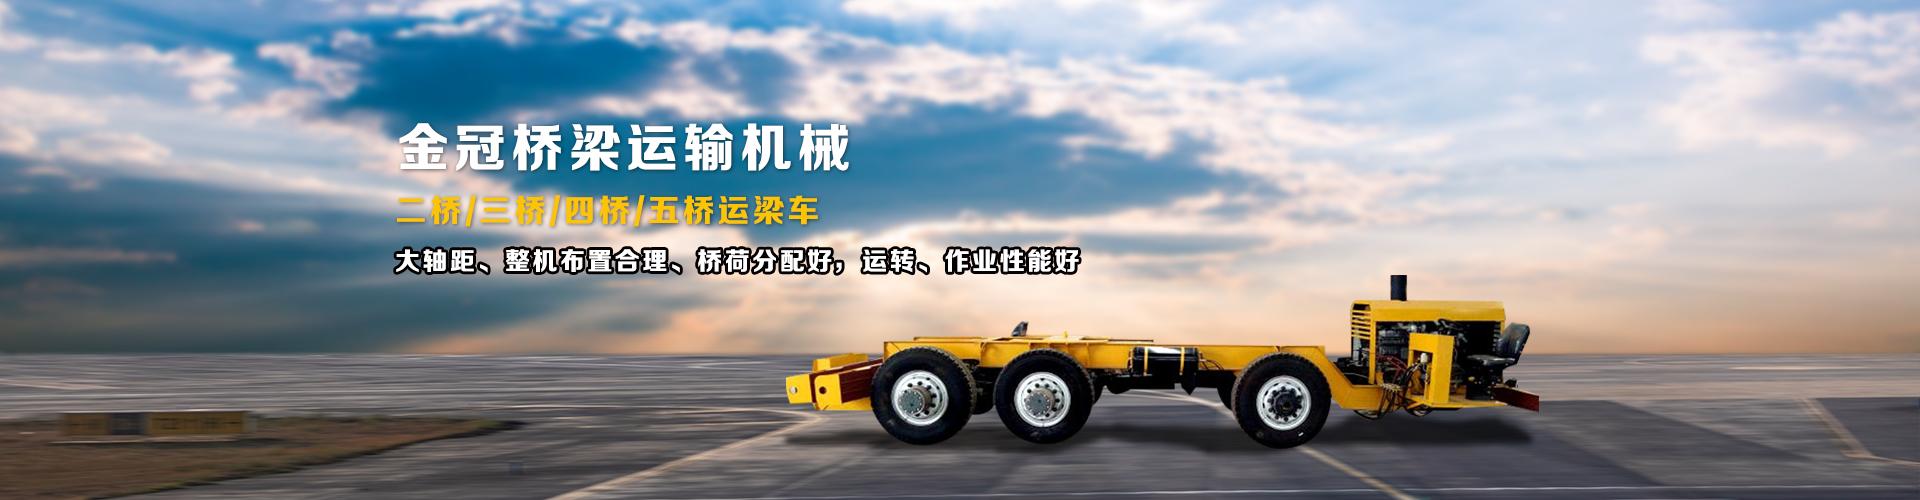 河南省金冠桥梁运输机械设备有限公司